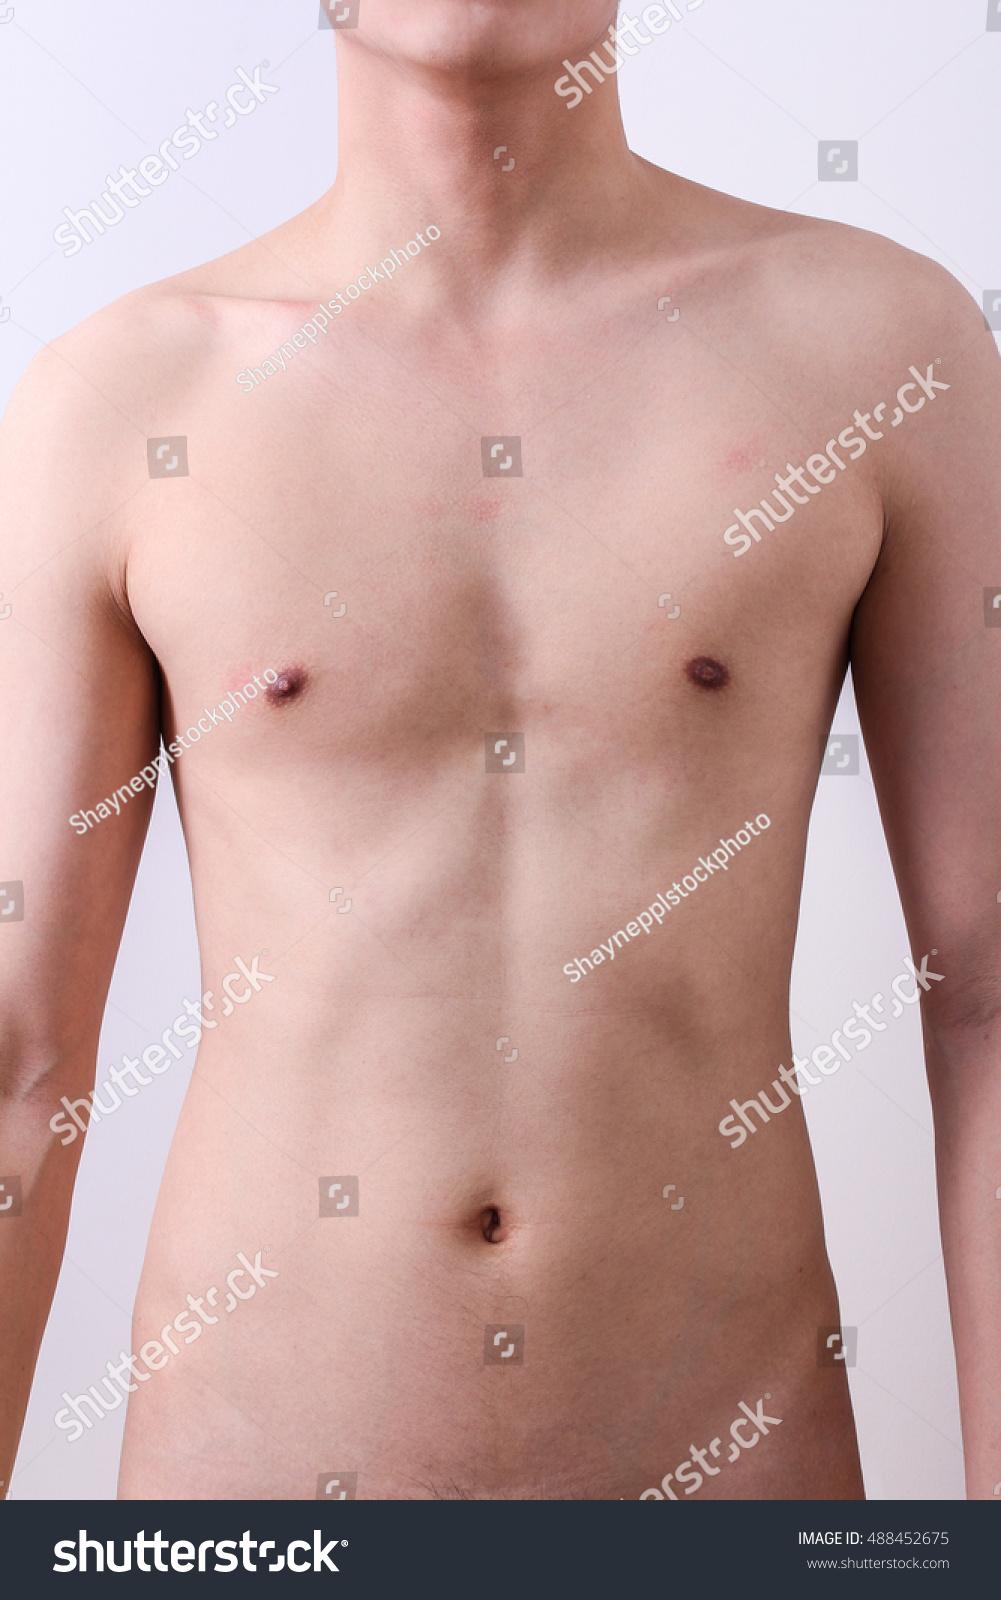 Men naked body